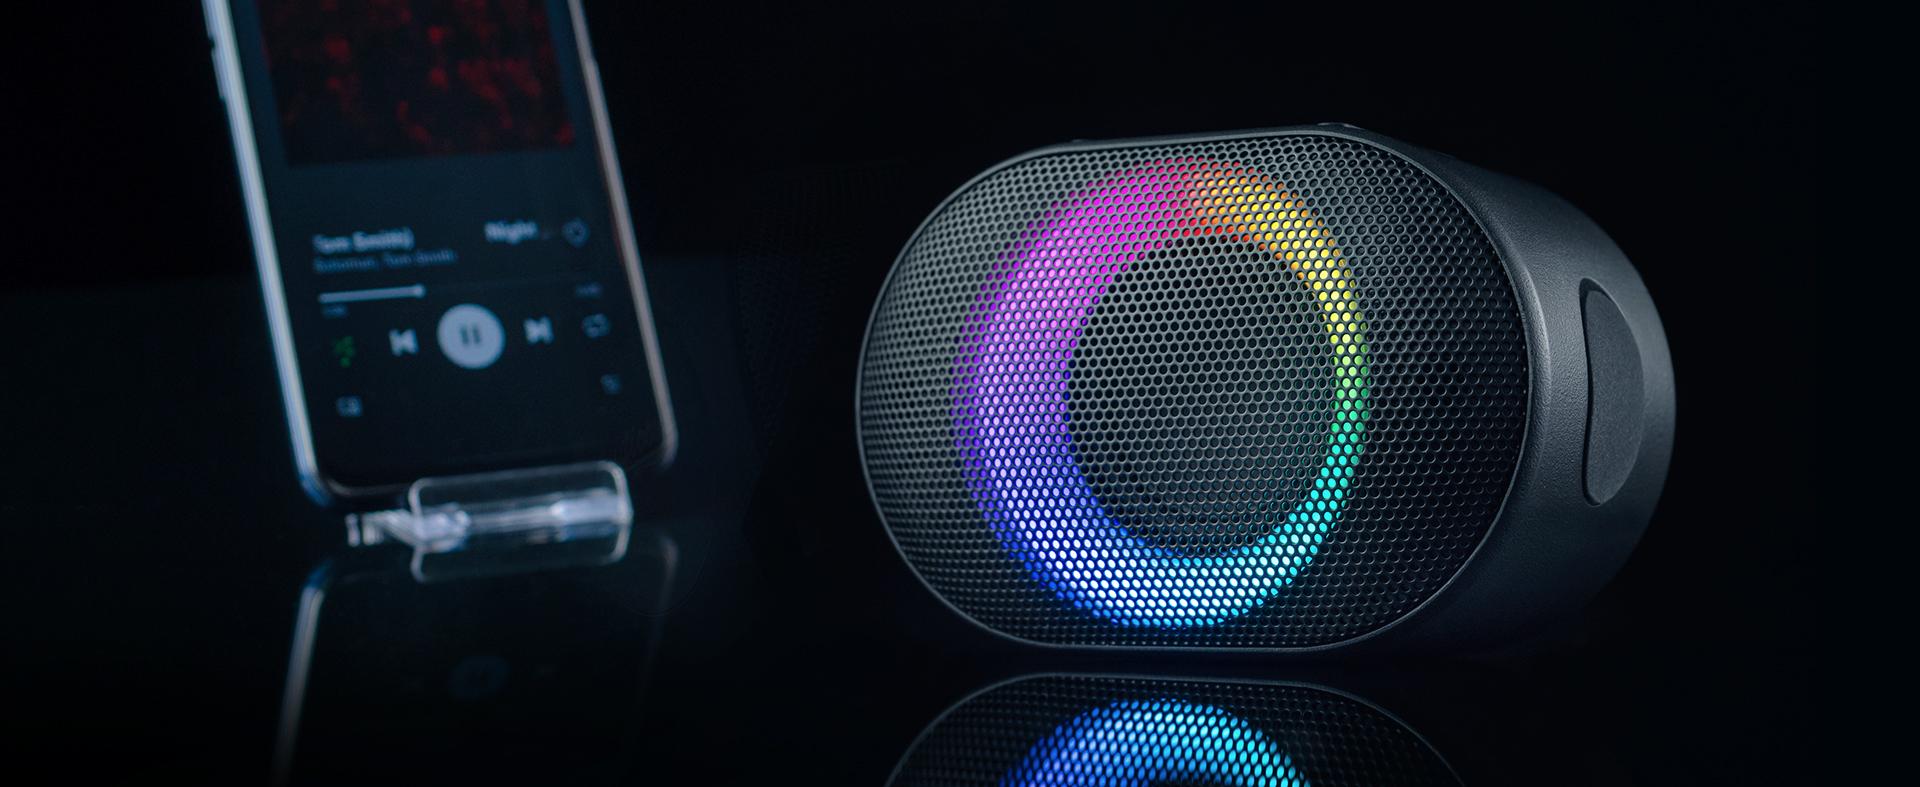 bluetooth speaker audictus aurora mini 7w rgb black 2